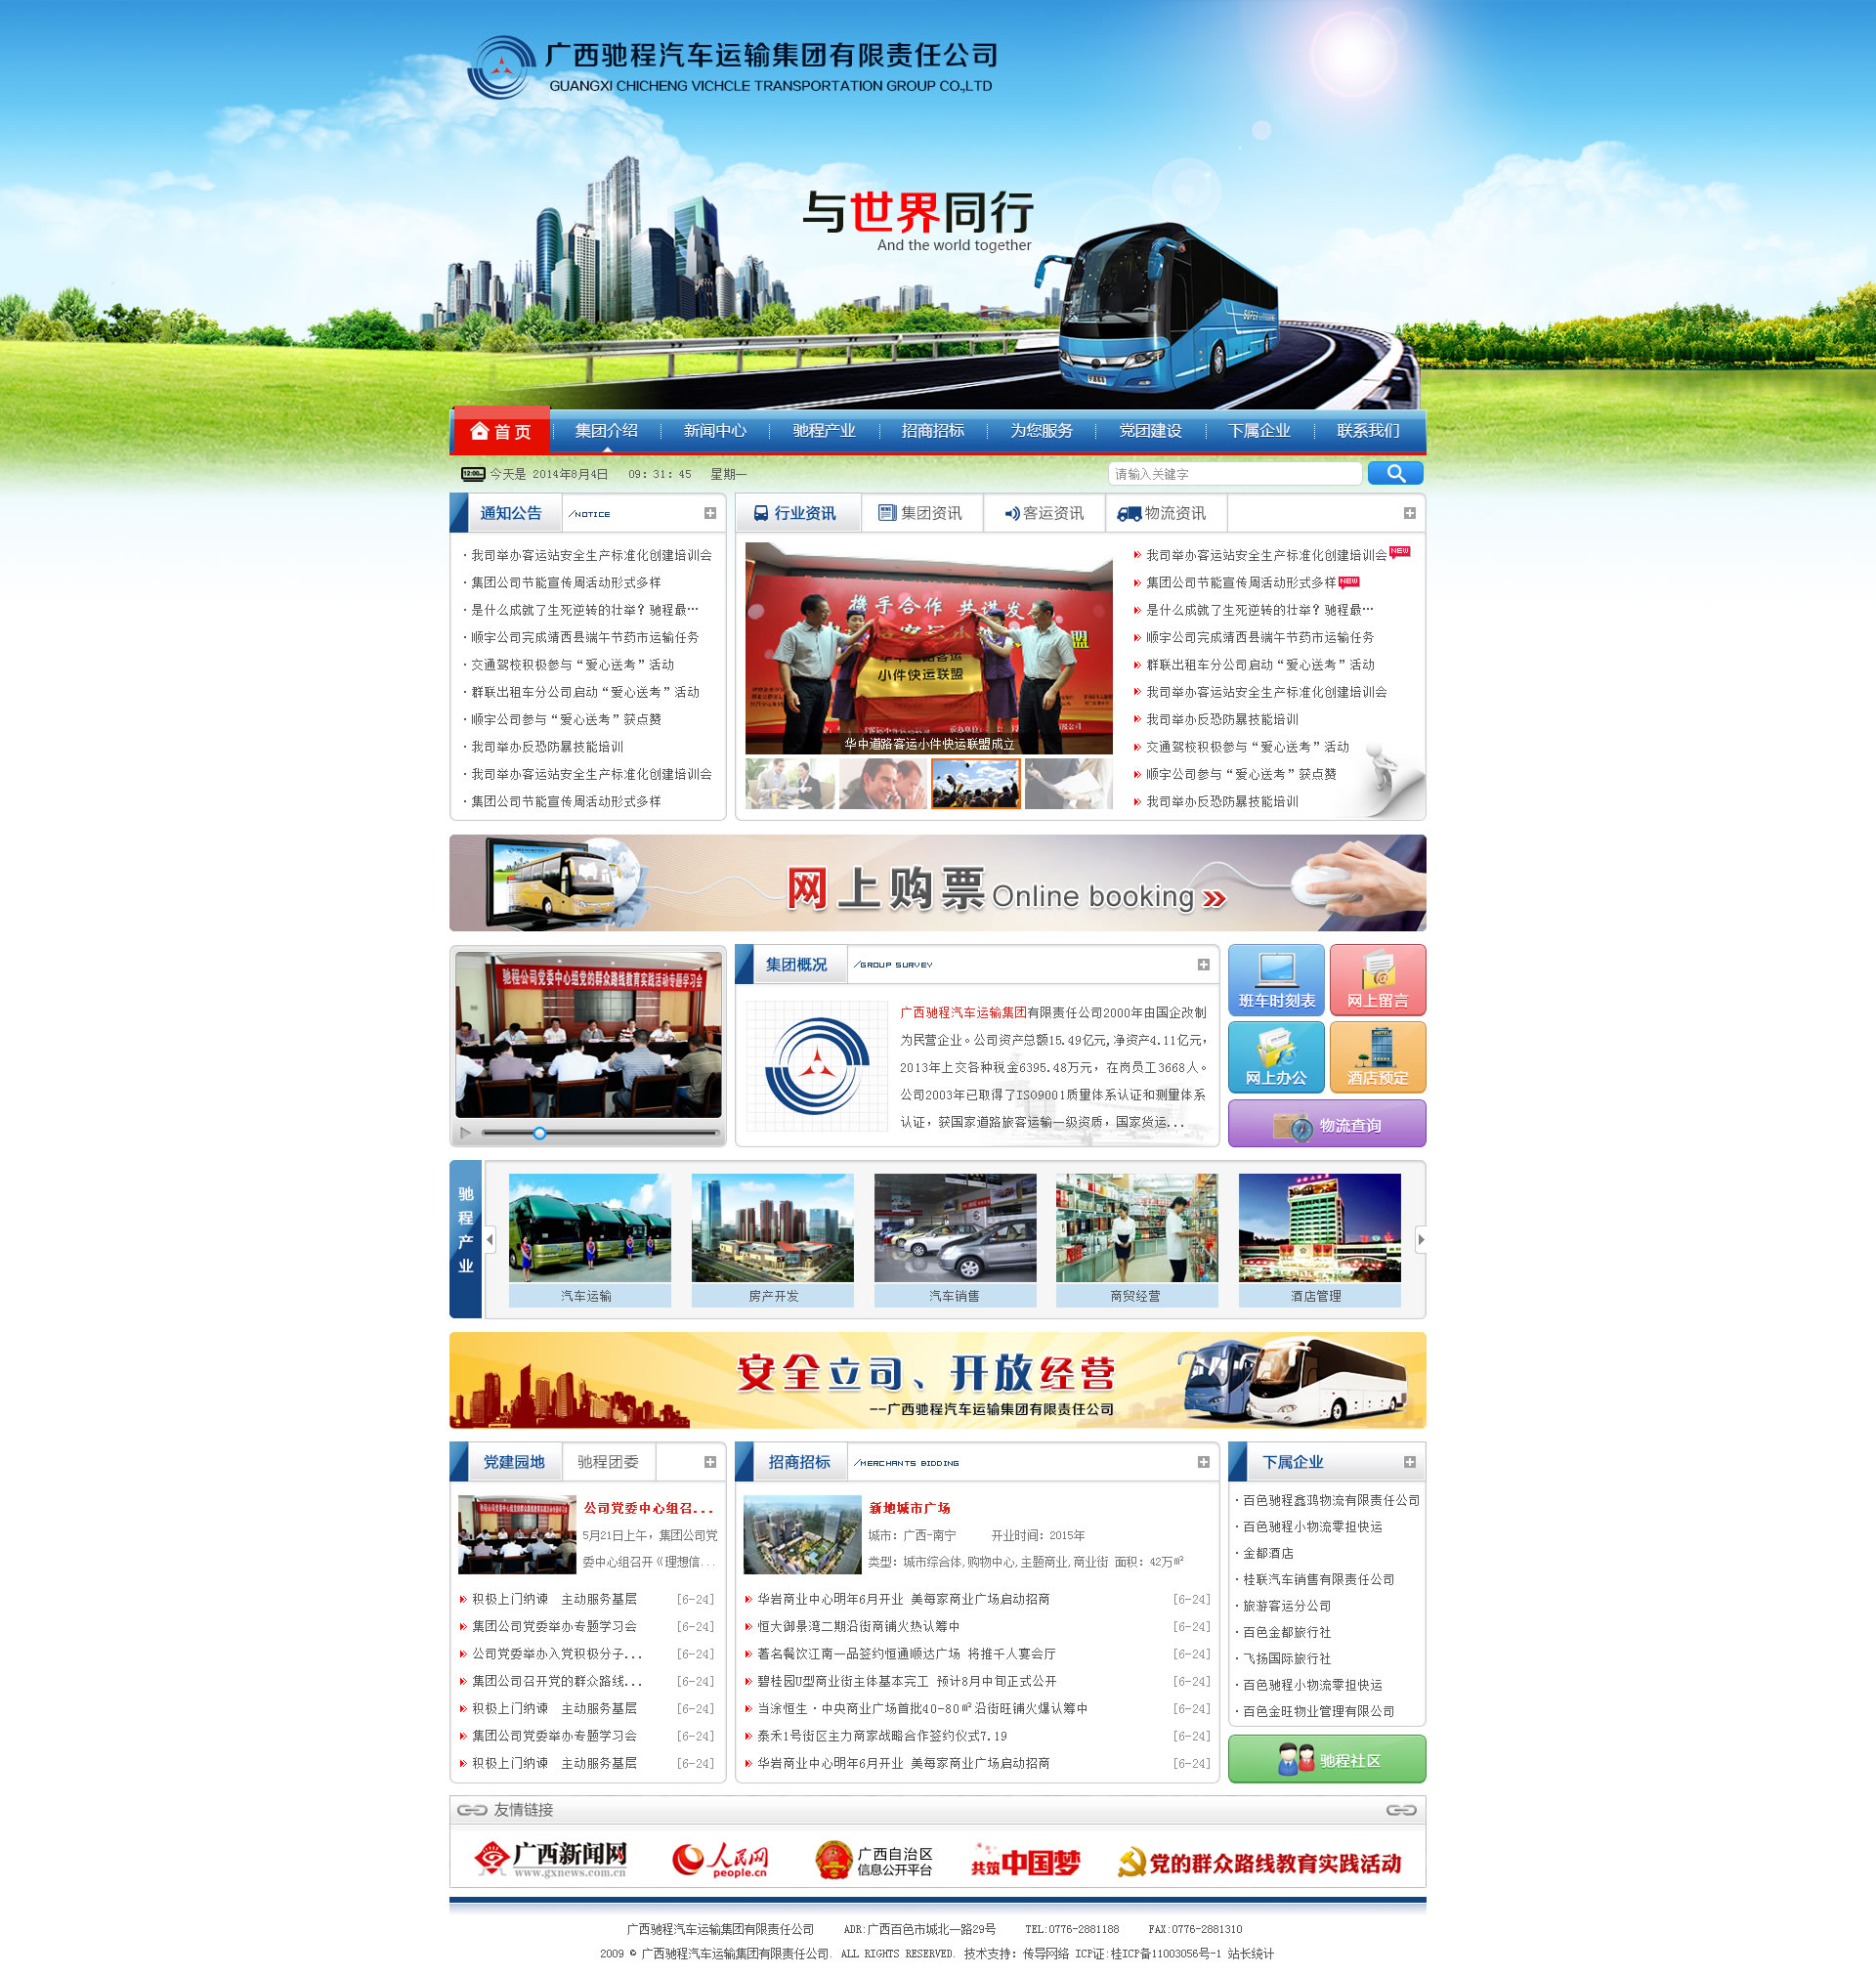 驰程汽车运输集团-南宁凯发国际网址建设案例-传导网络